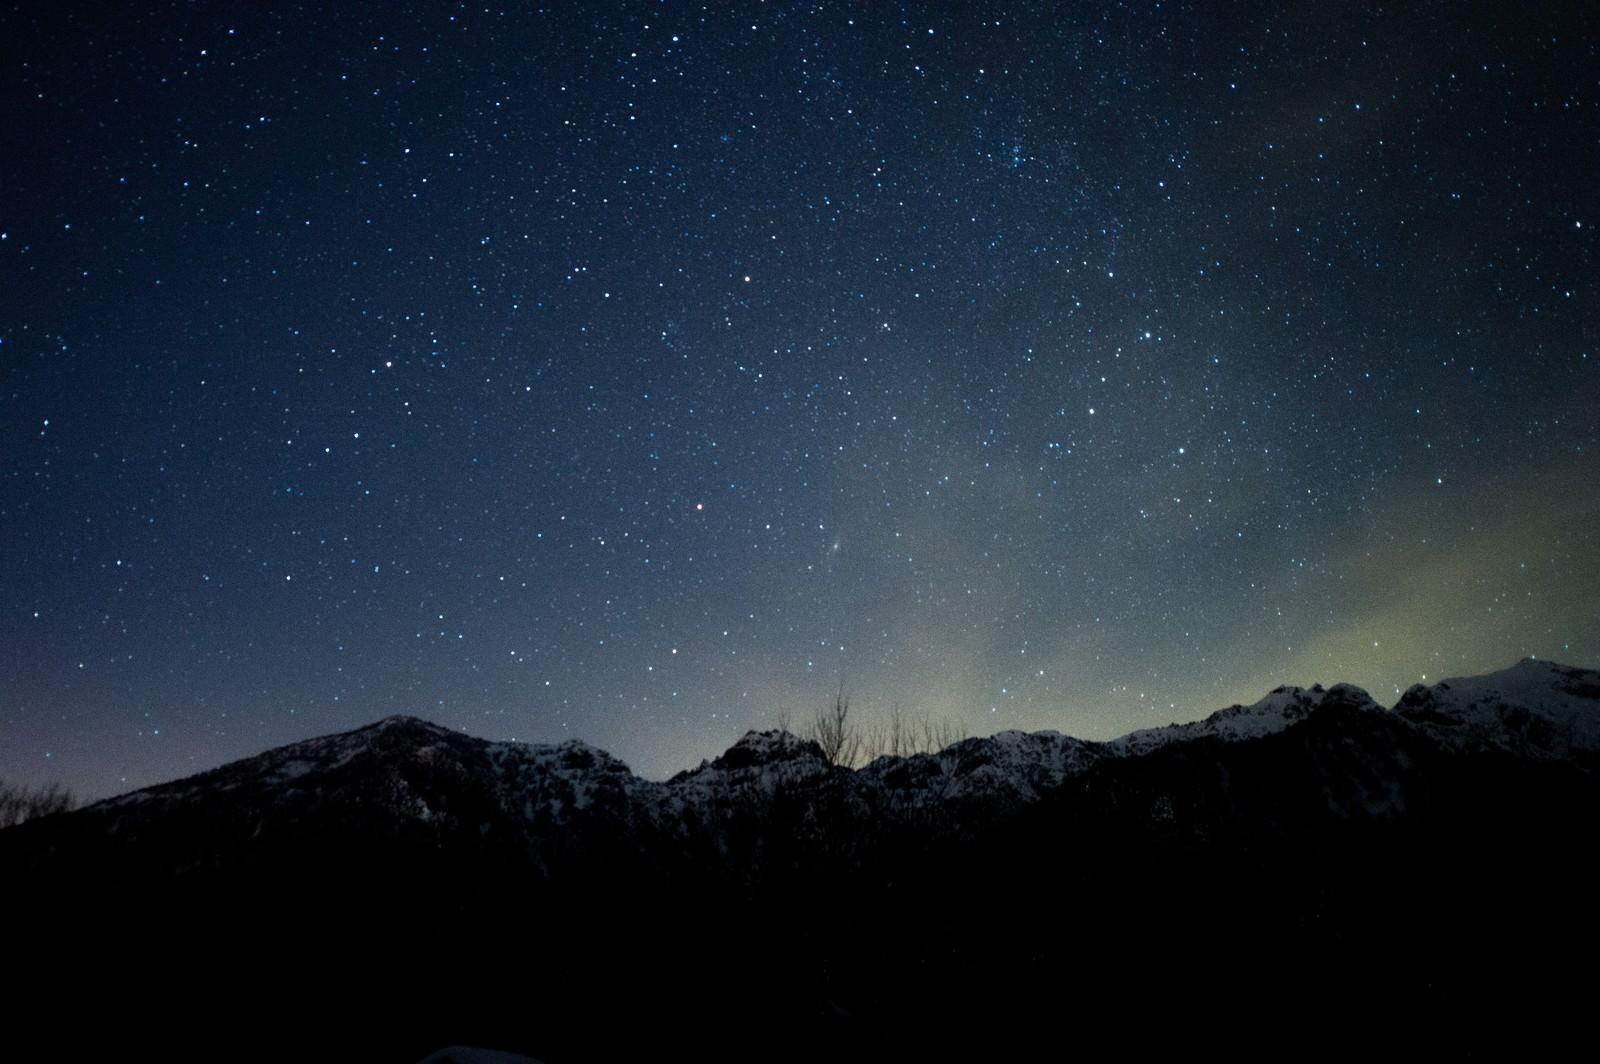 「北アルプス大橋からの夜空」の写真